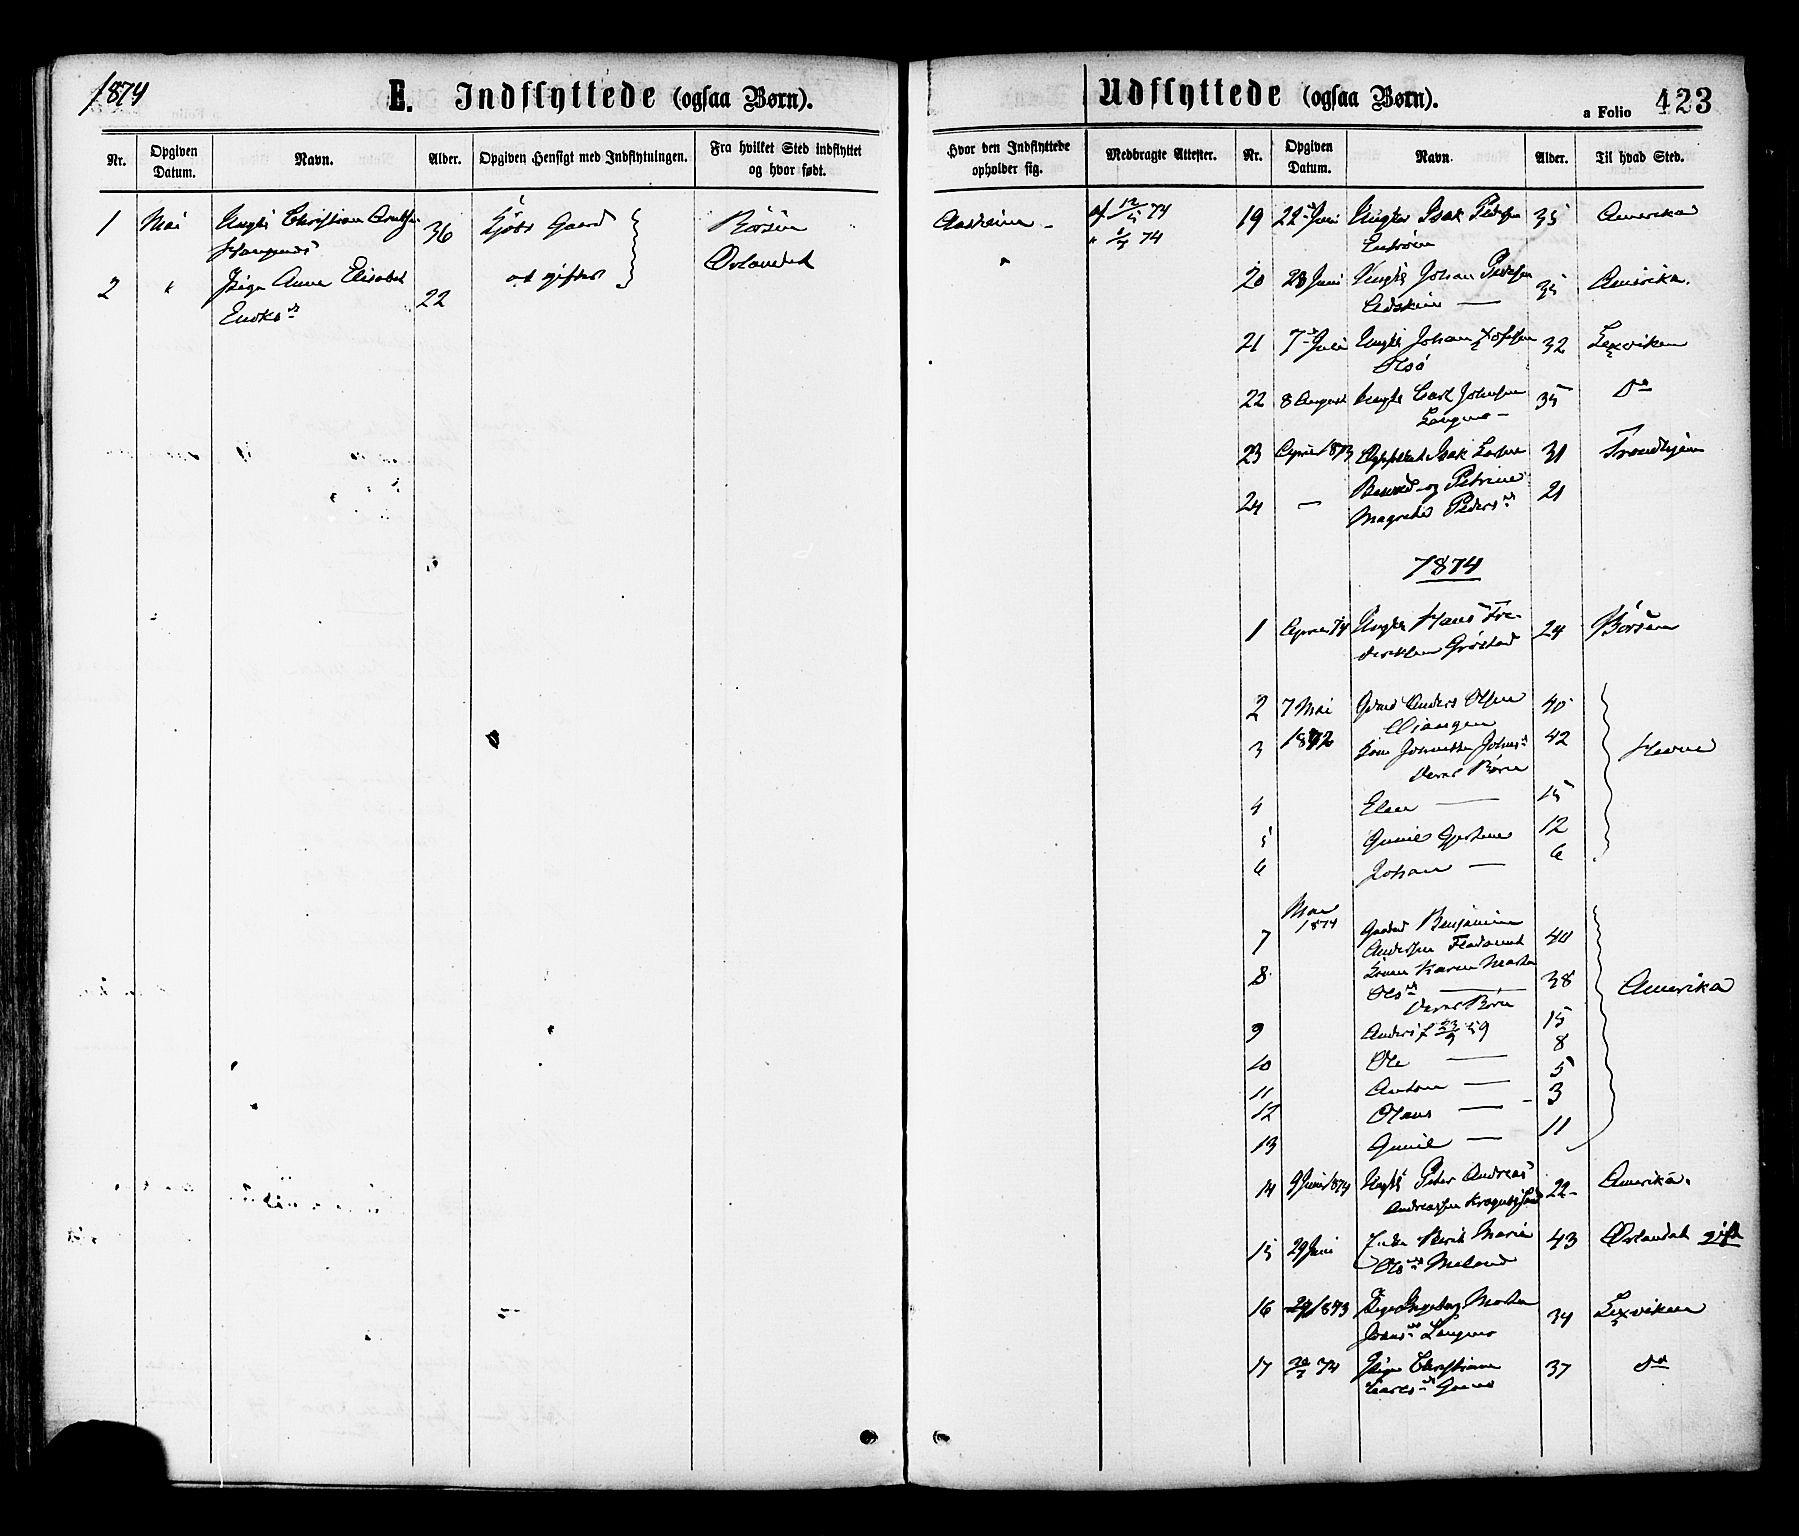 SAT, Ministerialprotokoller, klokkerbøker og fødselsregistre - Sør-Trøndelag, 646/L0613: Ministerialbok nr. 646A11, 1870-1884, s. 423